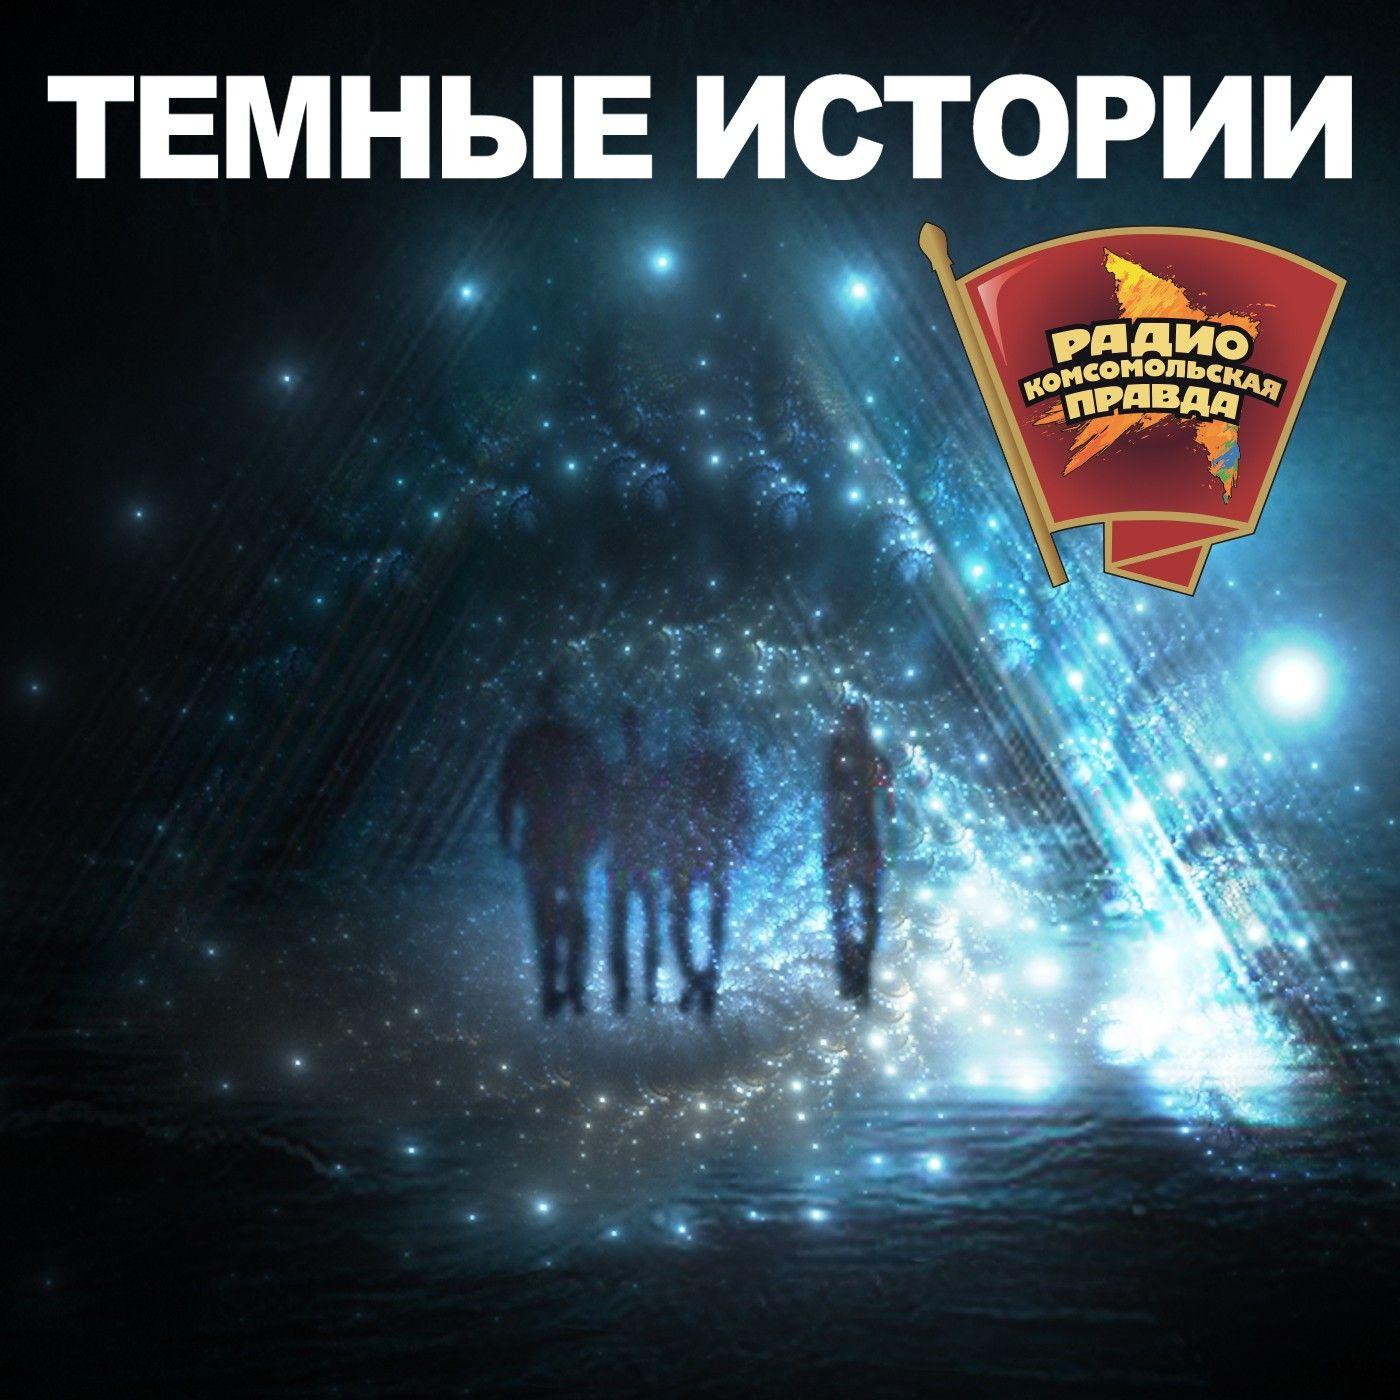 Творческий коллектив программы «Темные истории» Скульптор Коненков о предсказании начала Великой Отечественной войны